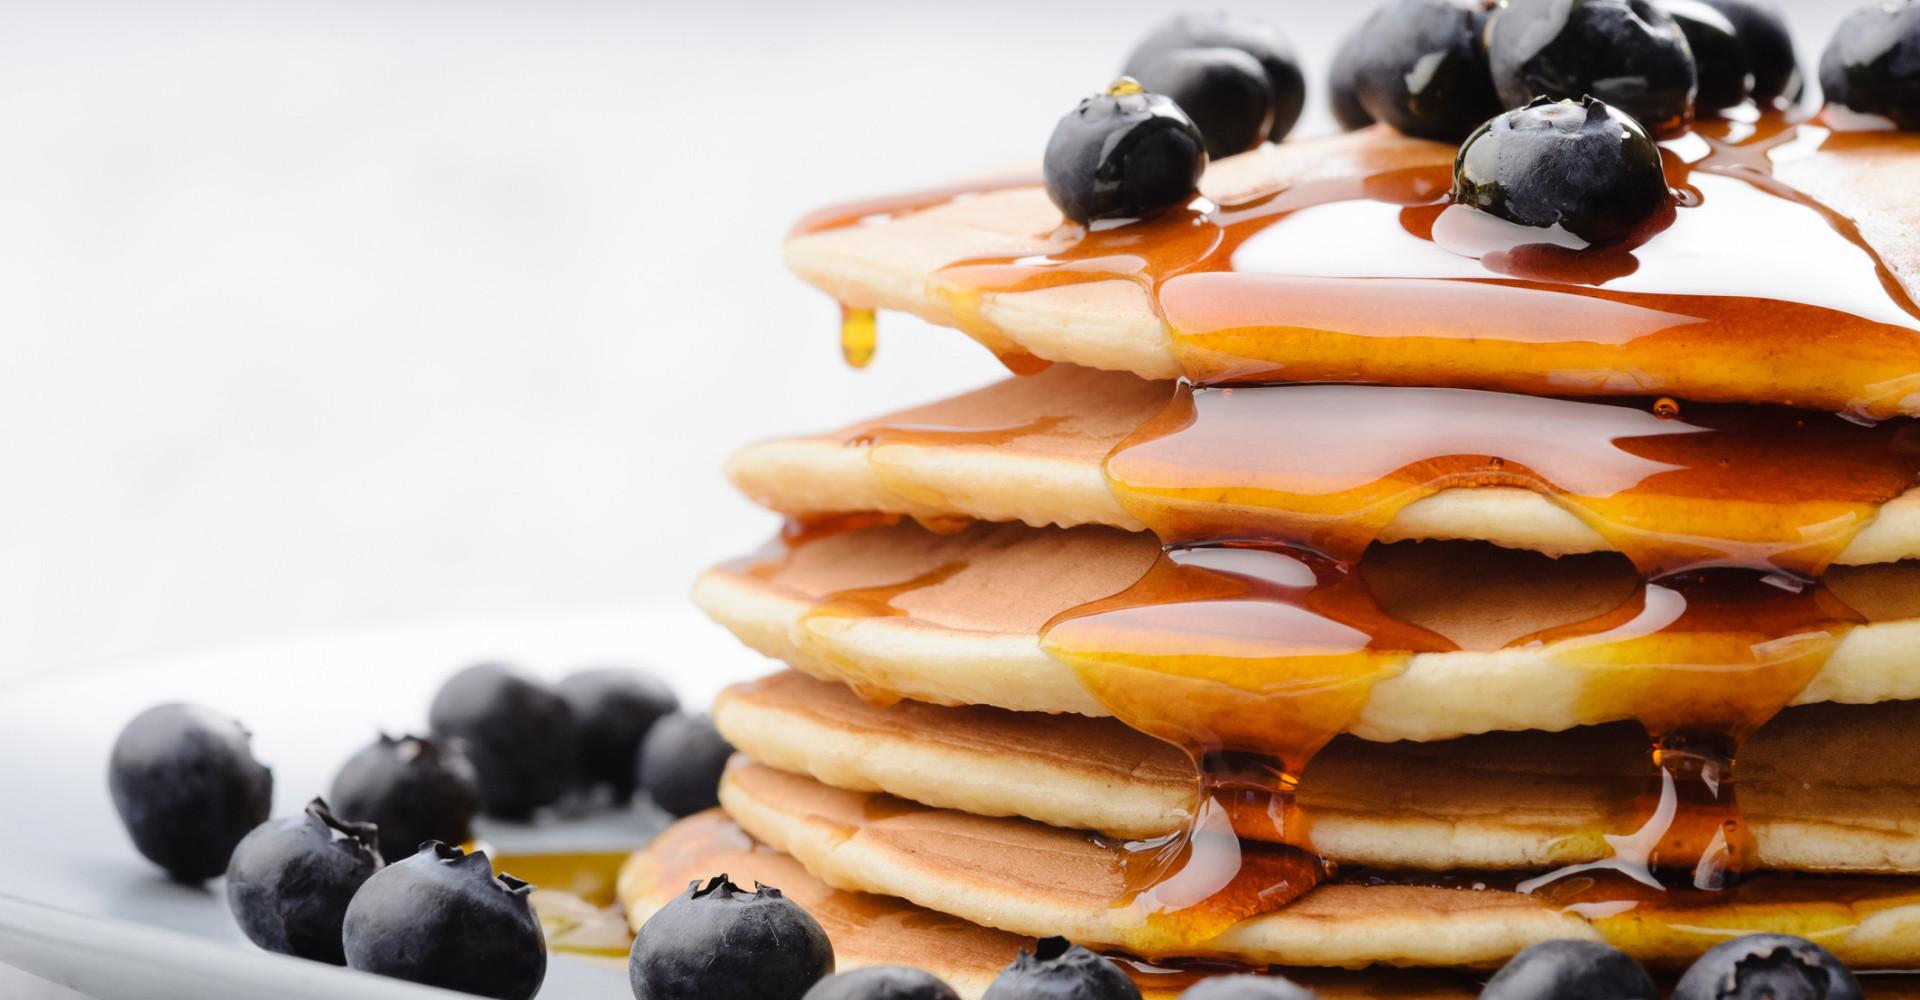 Come preparare dei deliziosi pancake senza lattosio